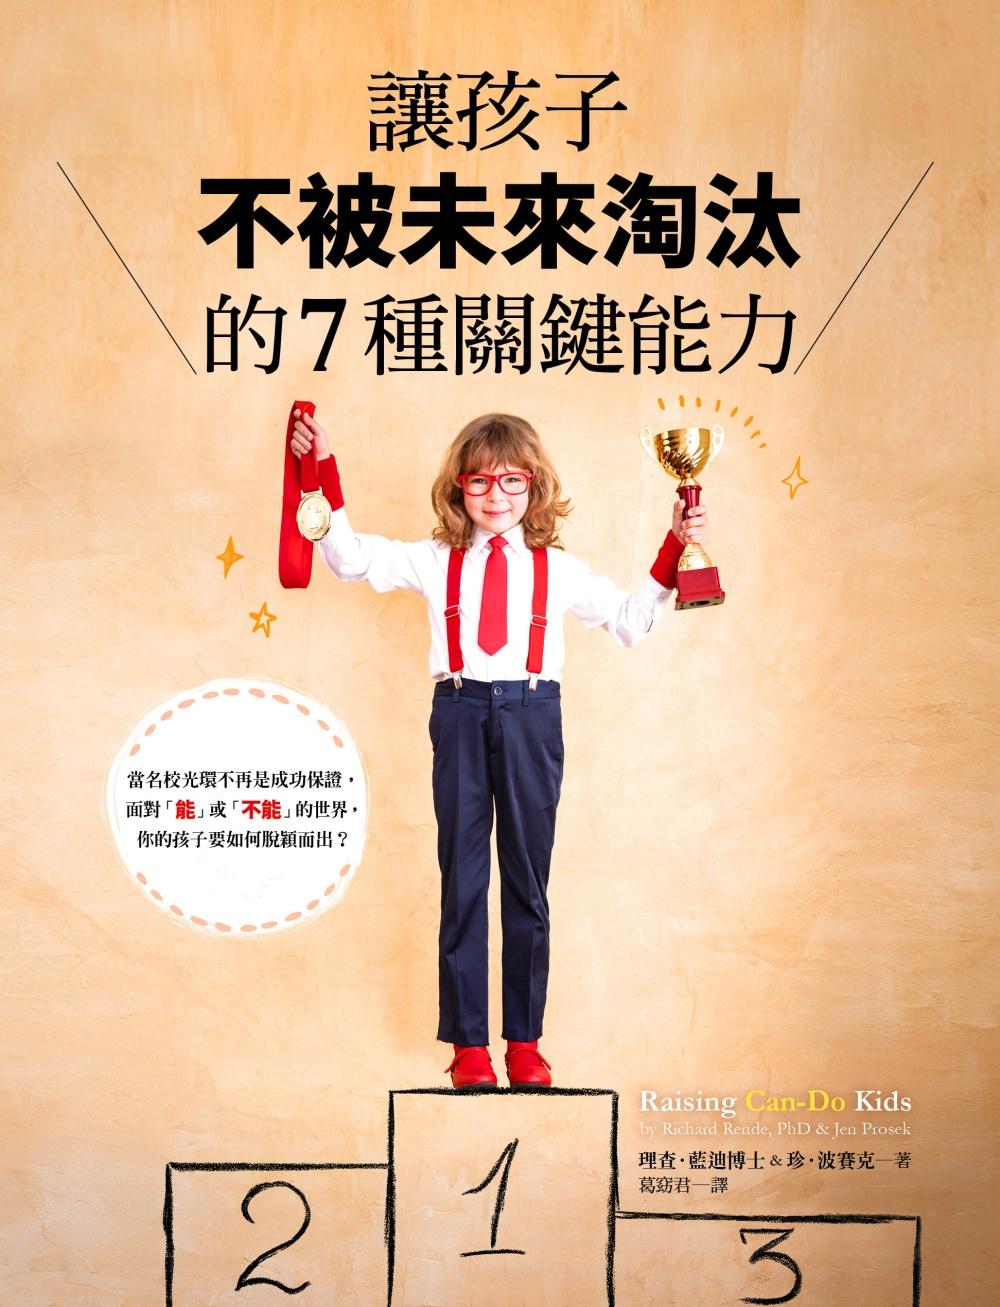 讓孩子不被未來淘汰的7種關鍵能力:當名校光環不再是成功保證,面對「能」或「不能」的世界,你的孩子要如何脫穎而出?